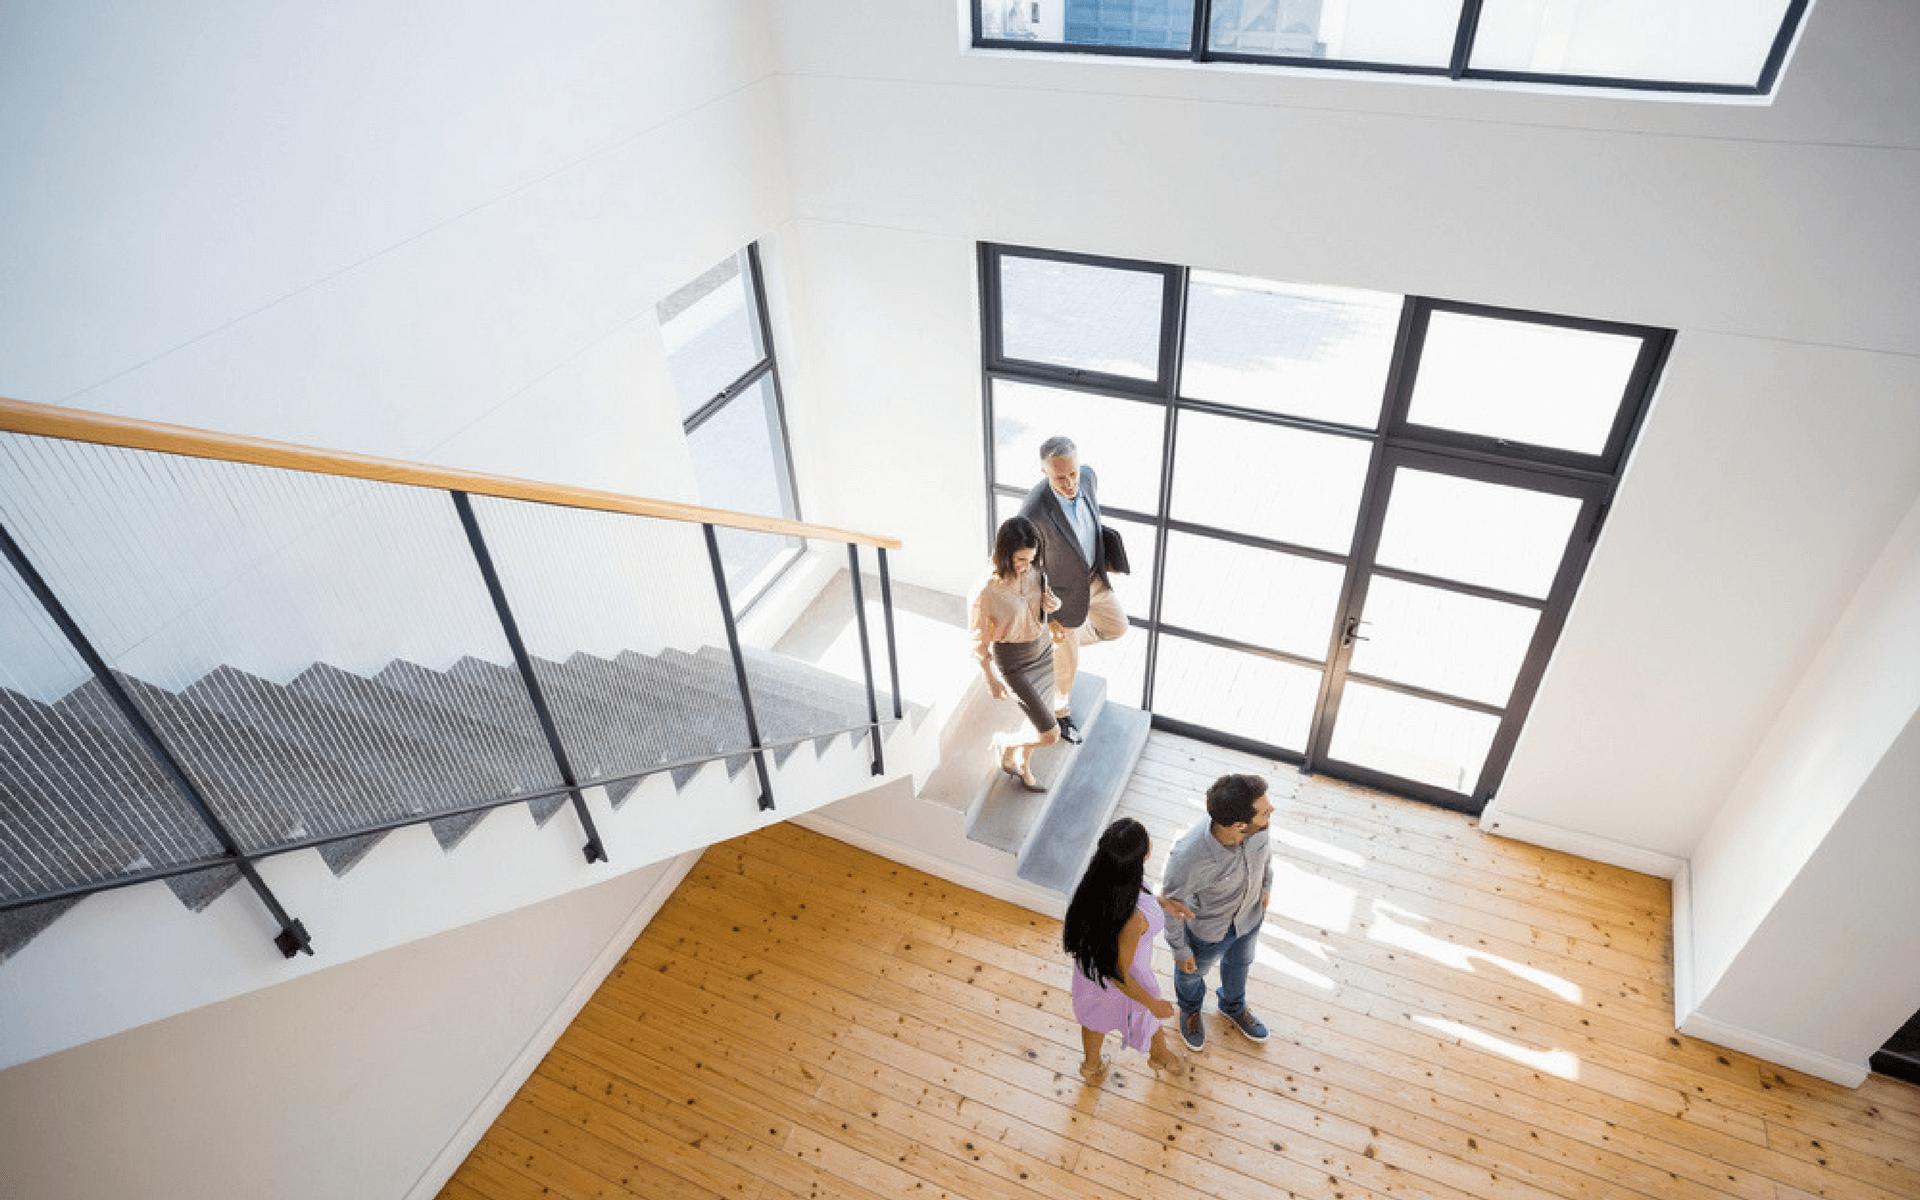 L'importanza di verificare lo stato di fatto dell'immobile e dei vari componenti della casa